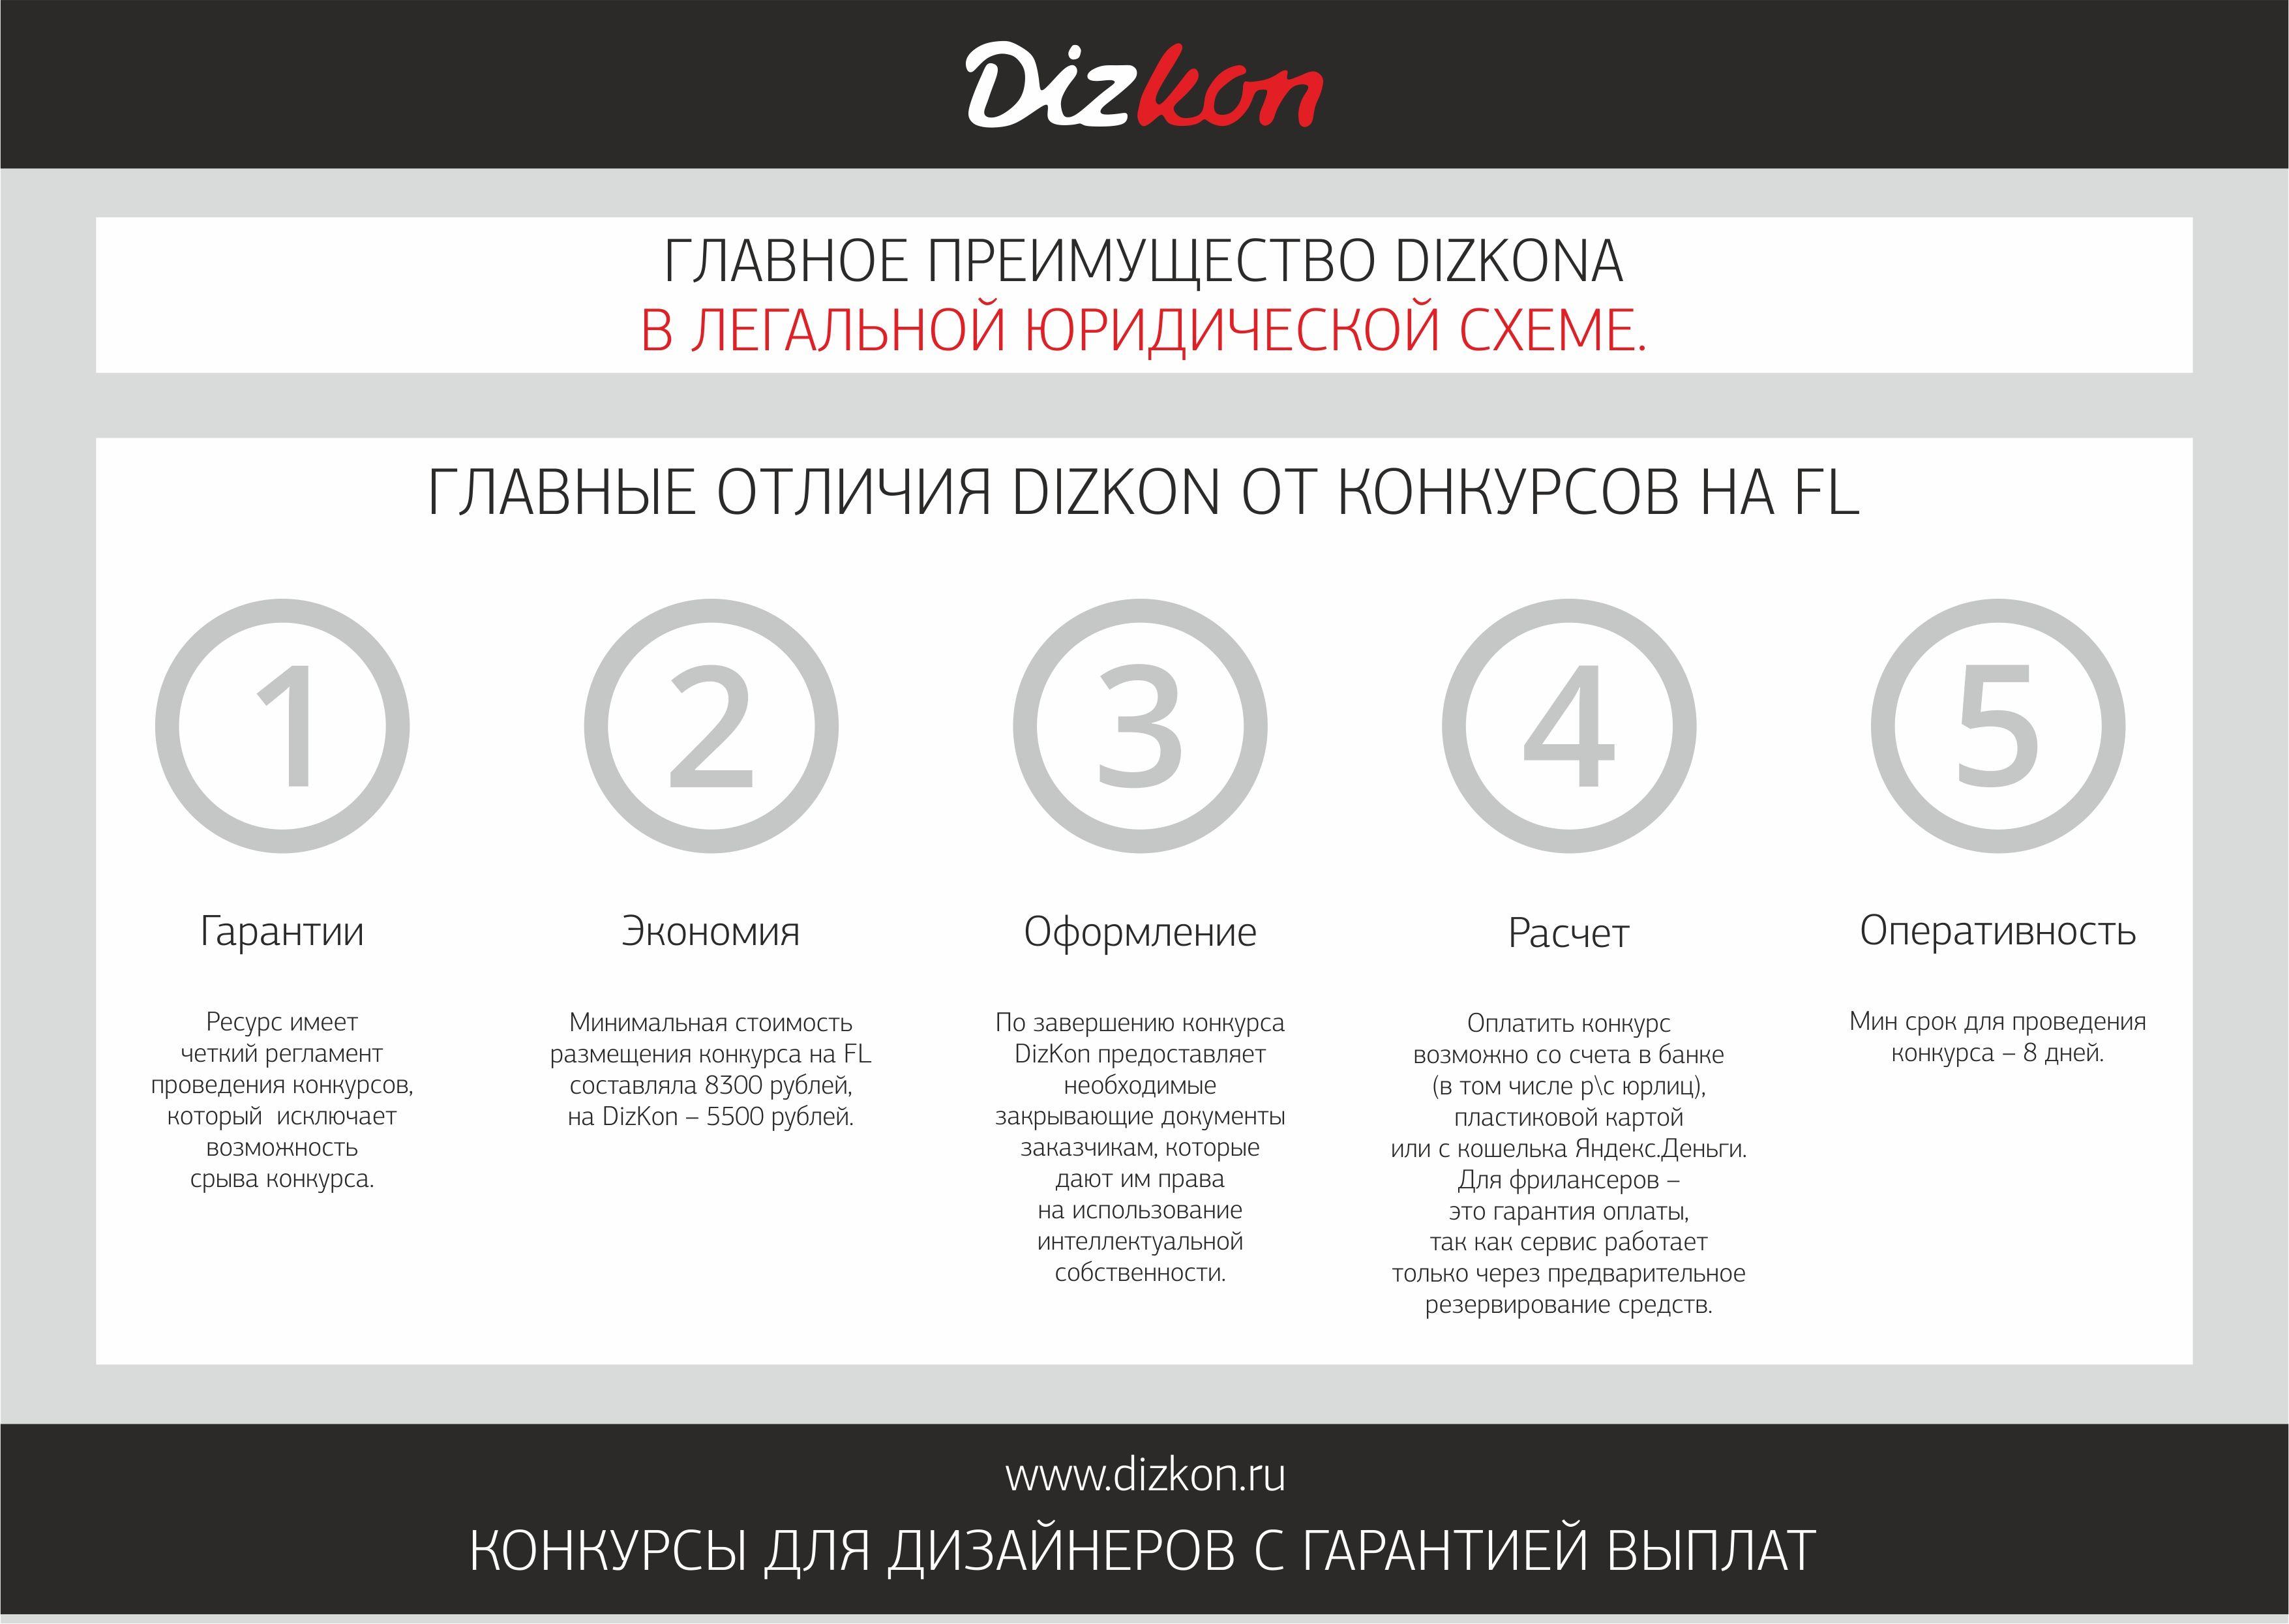 Инфографика по юридической сделке - дизайнер Saidmir